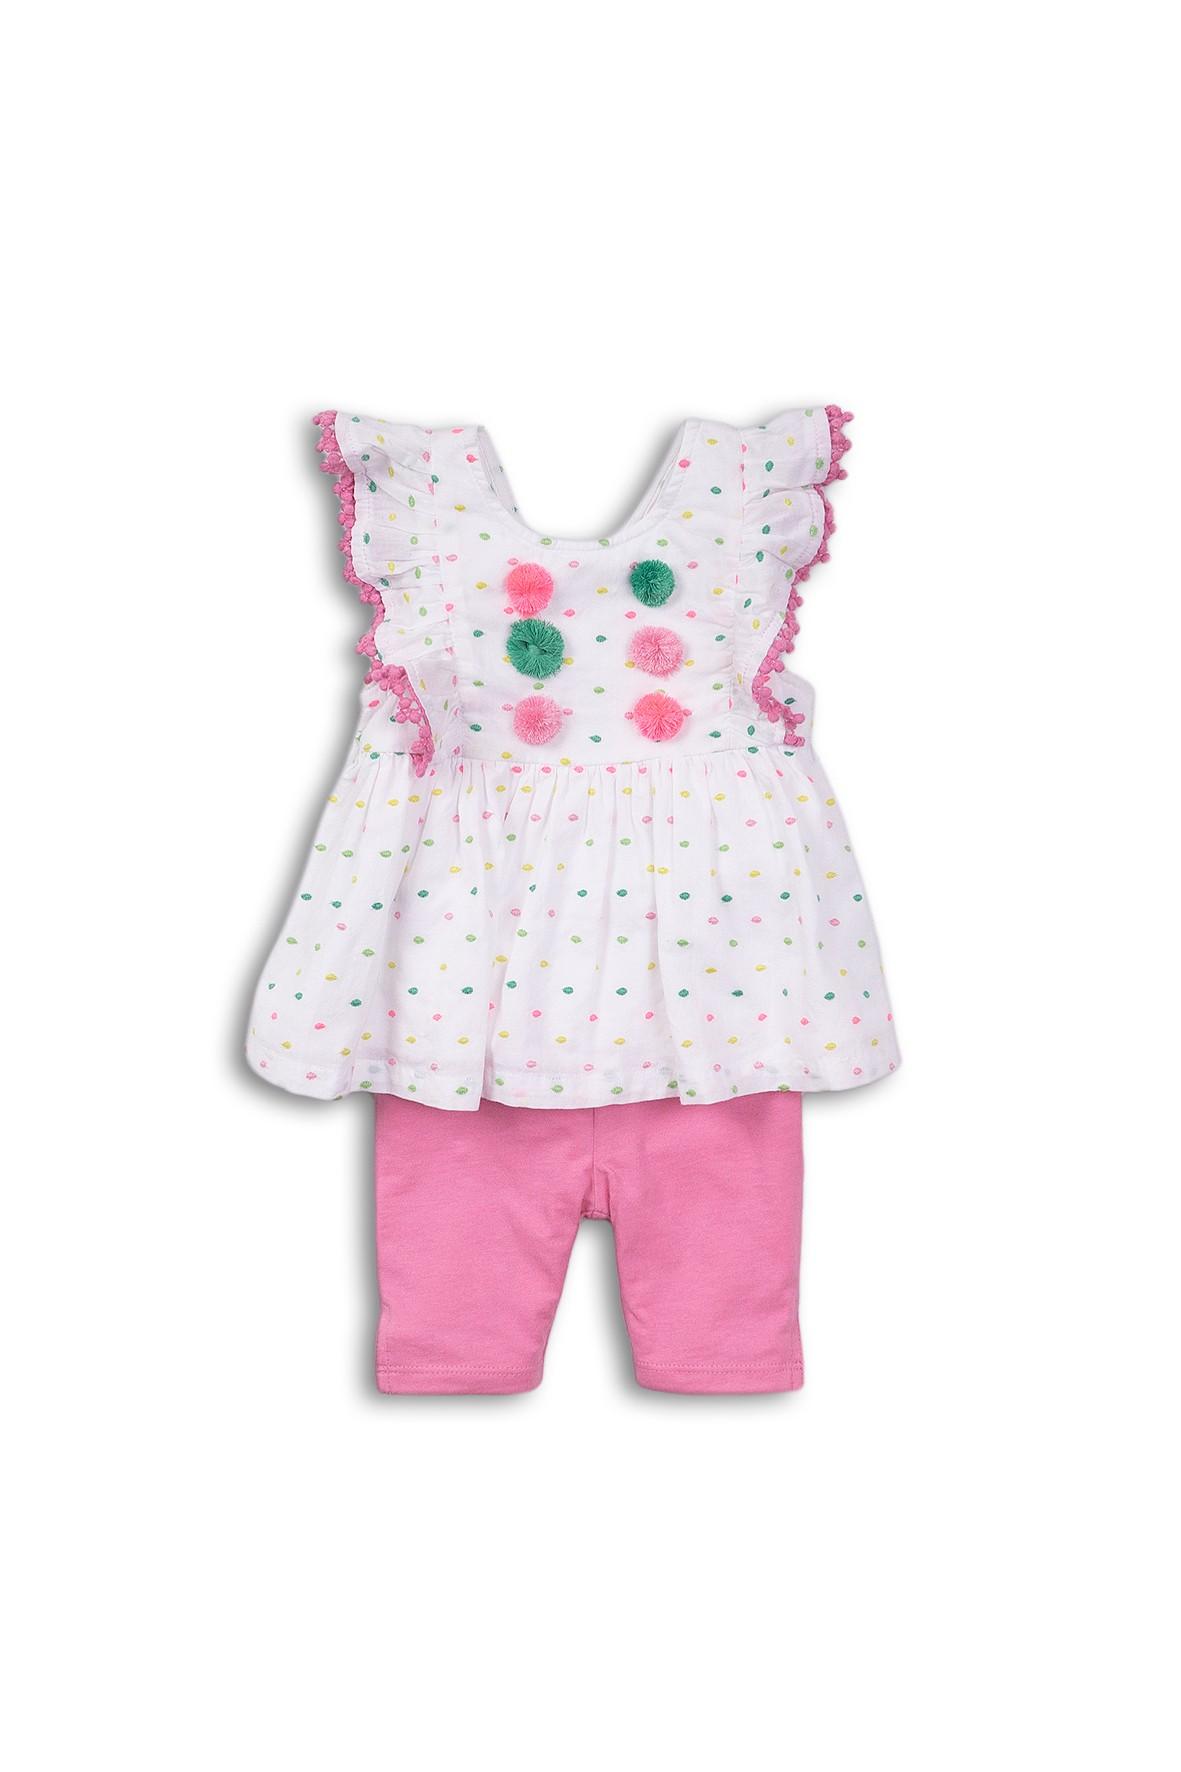 Komplet dziewczęcy biało-różowy - leginsy i bluzka